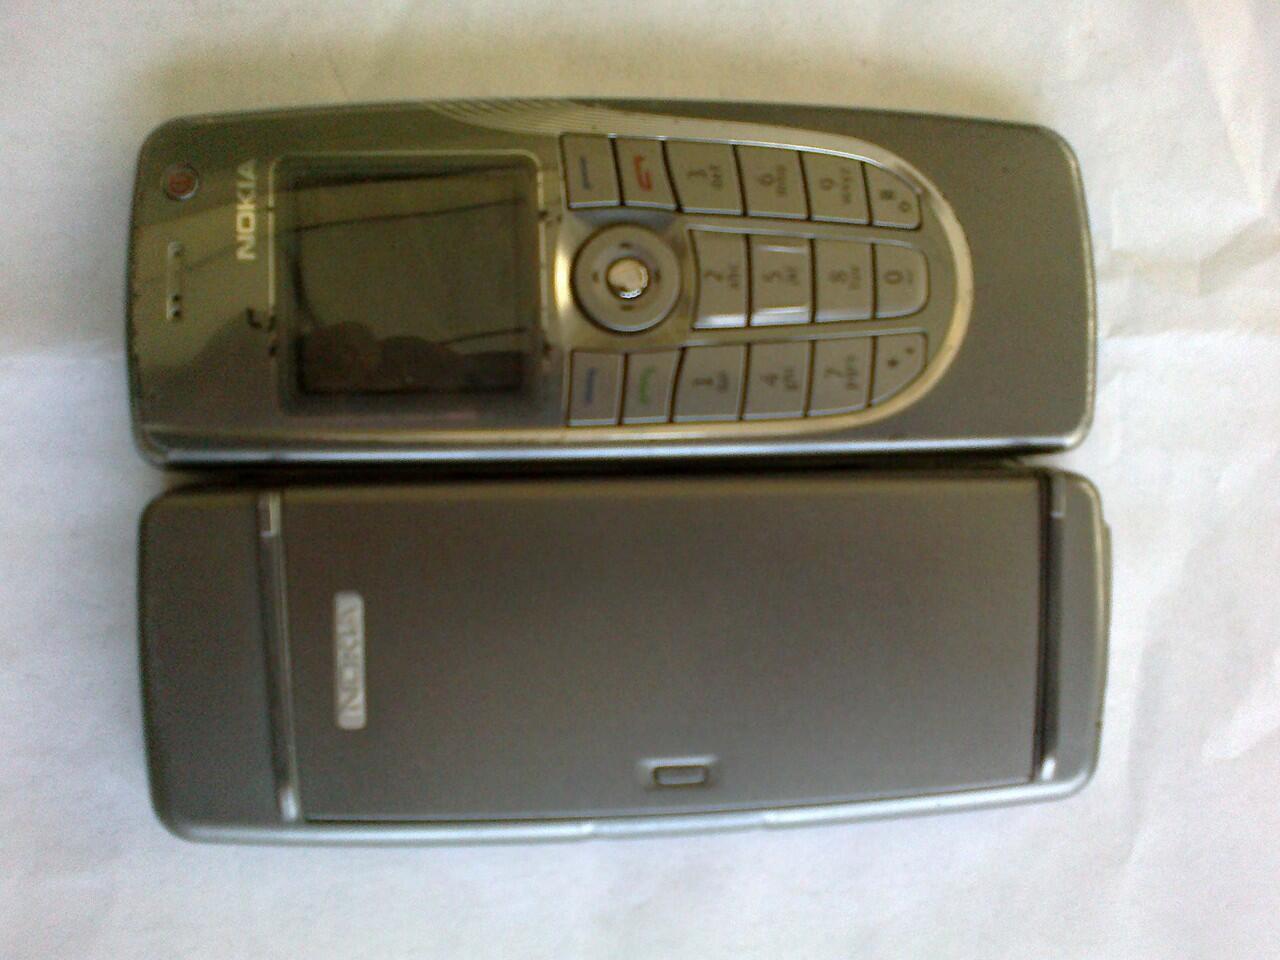 Nokia Communicator 9300i